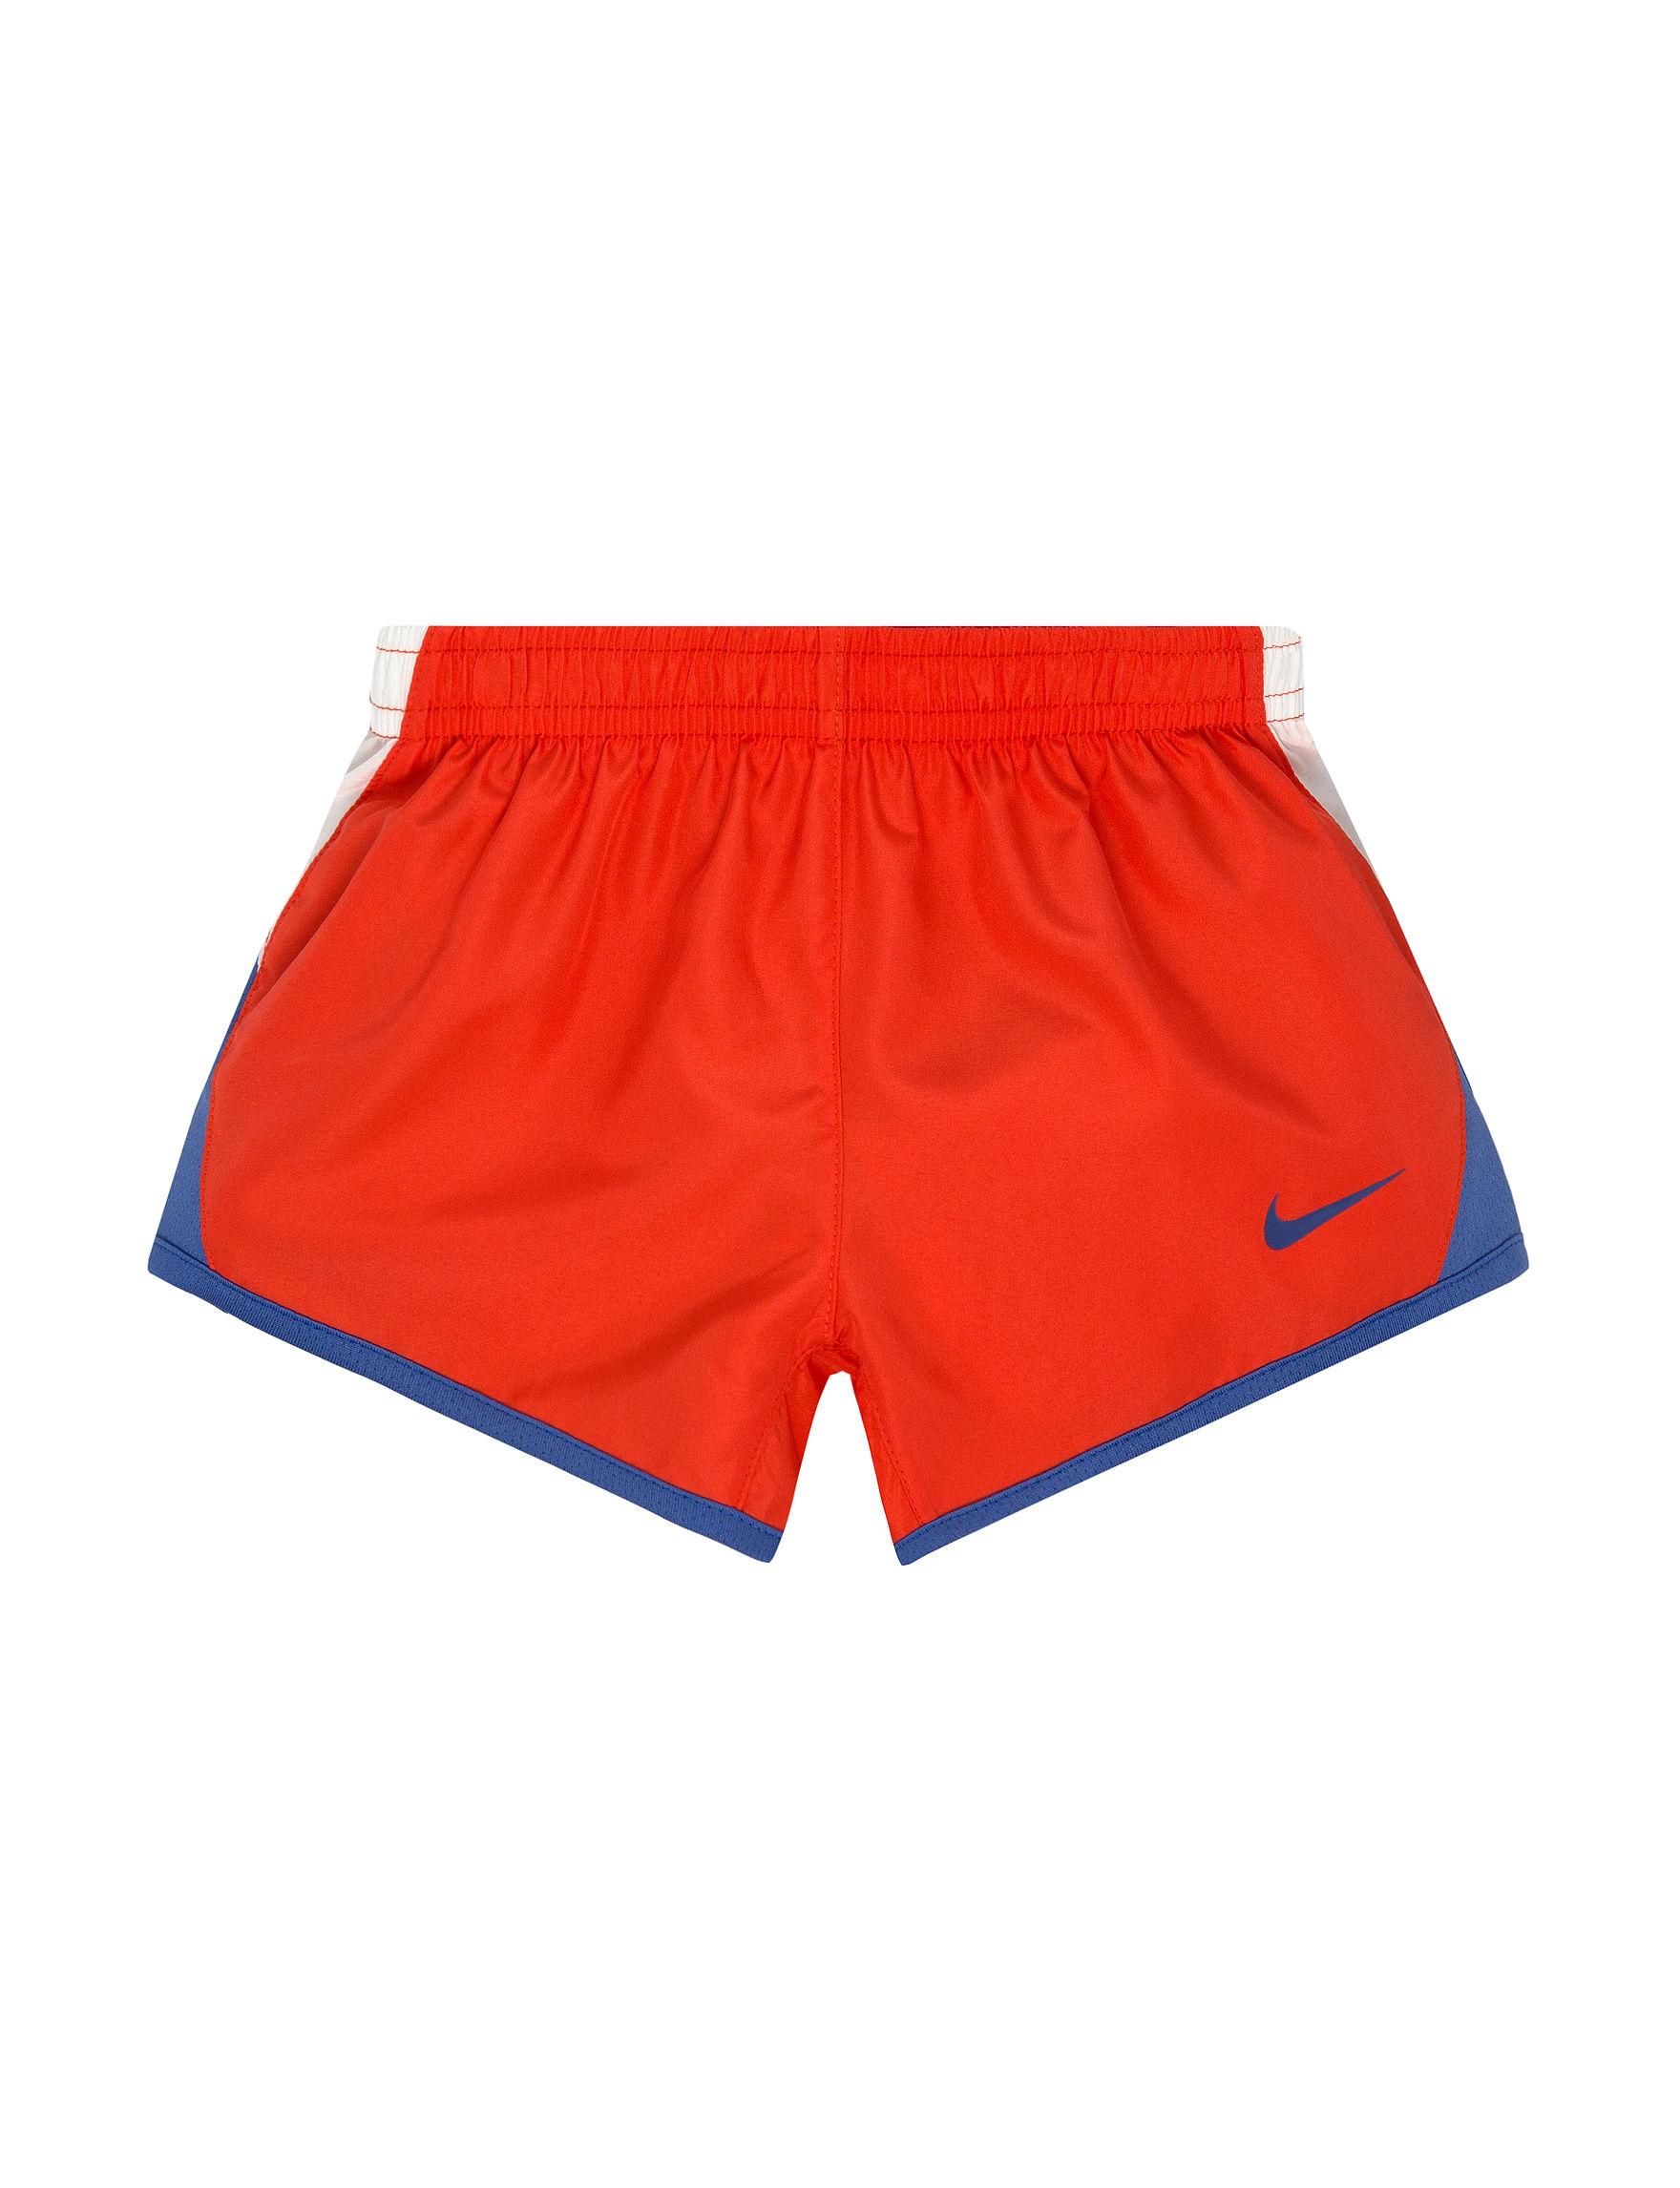 Nike Orange Loose